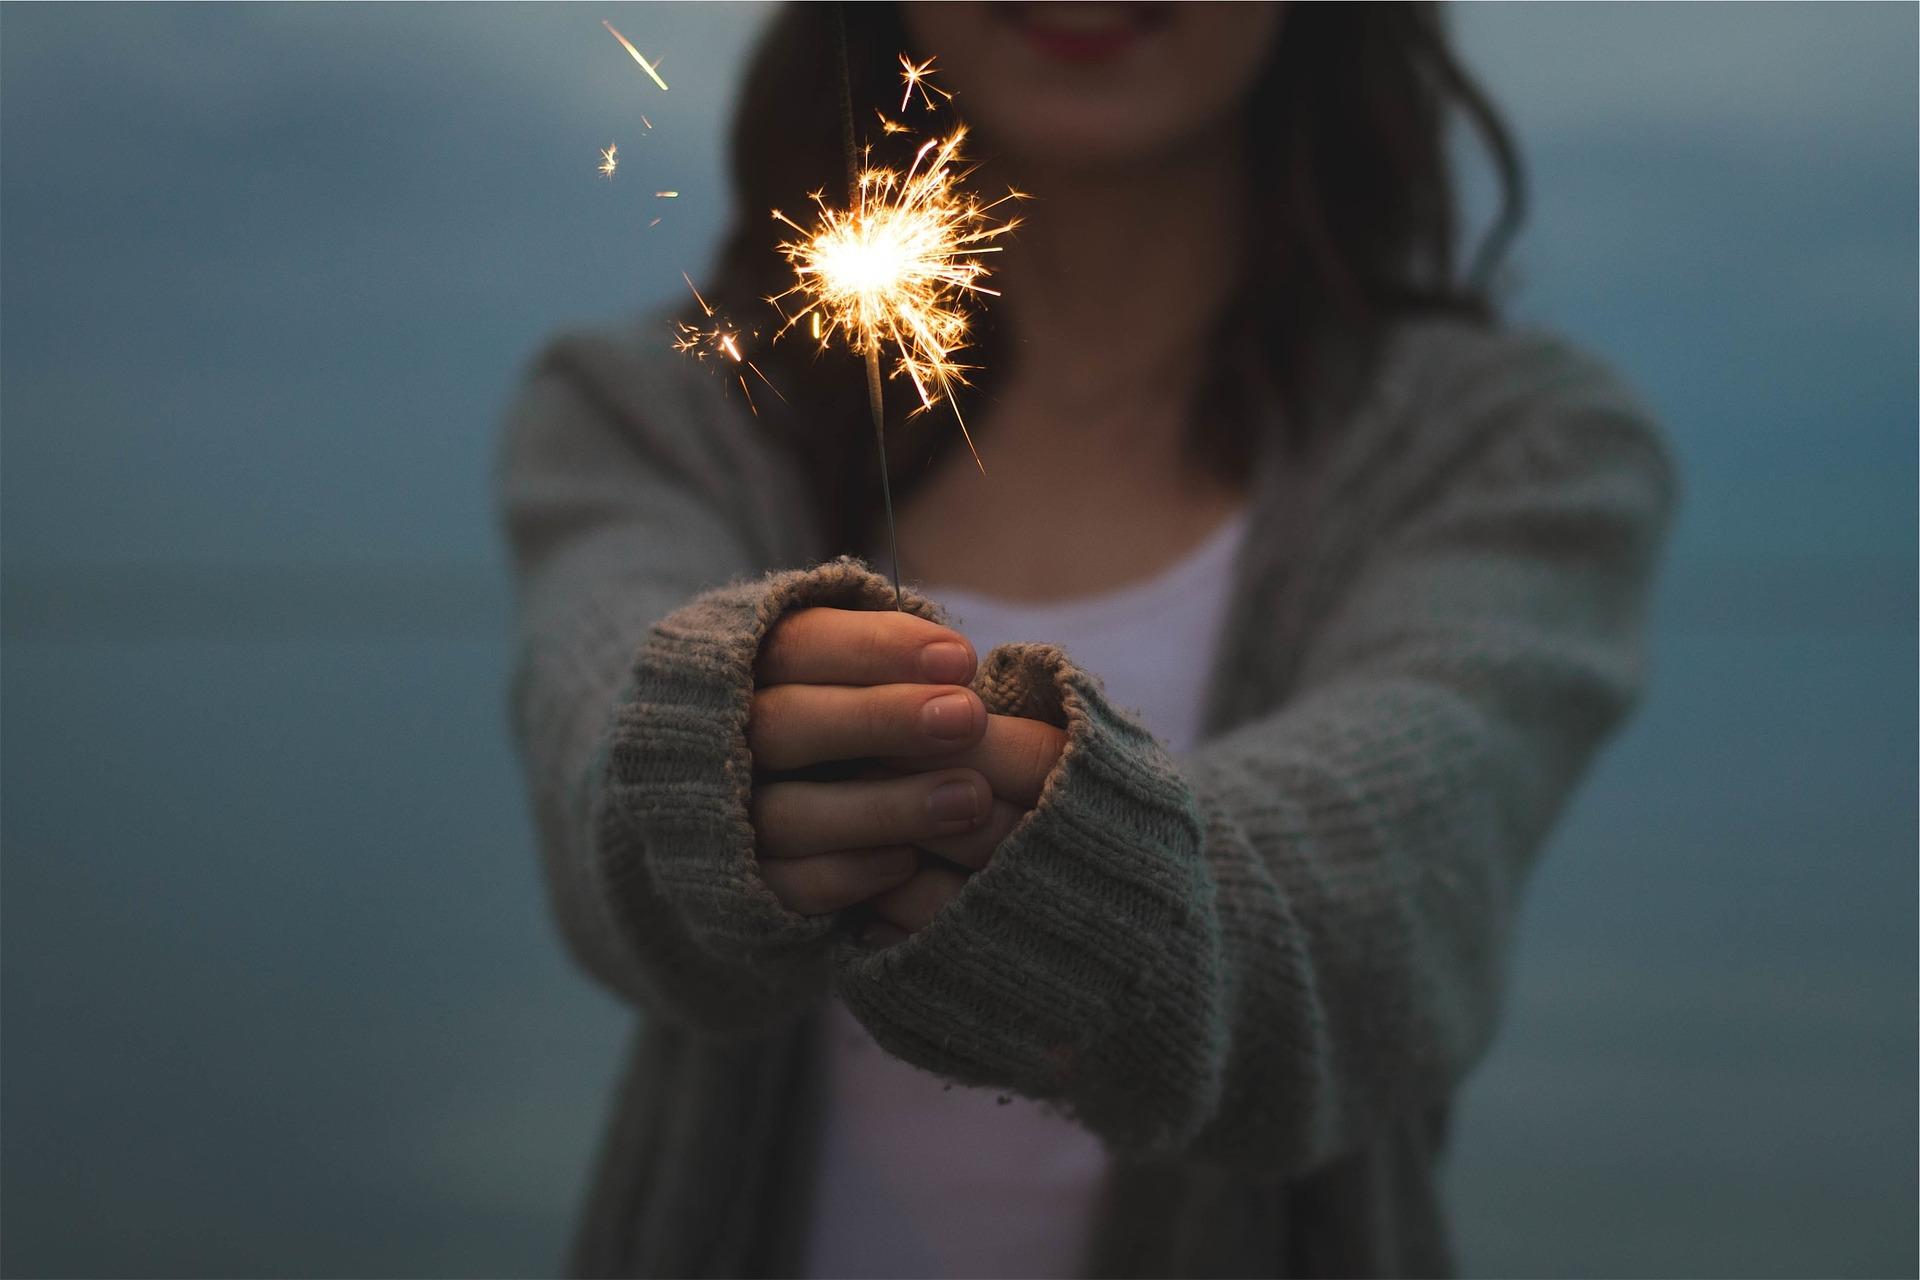 23 حيلة ذكية من علم النفس يمكن استخدامها في حياتك اليومية لتسيطر على علاقاتك مع الآخرين